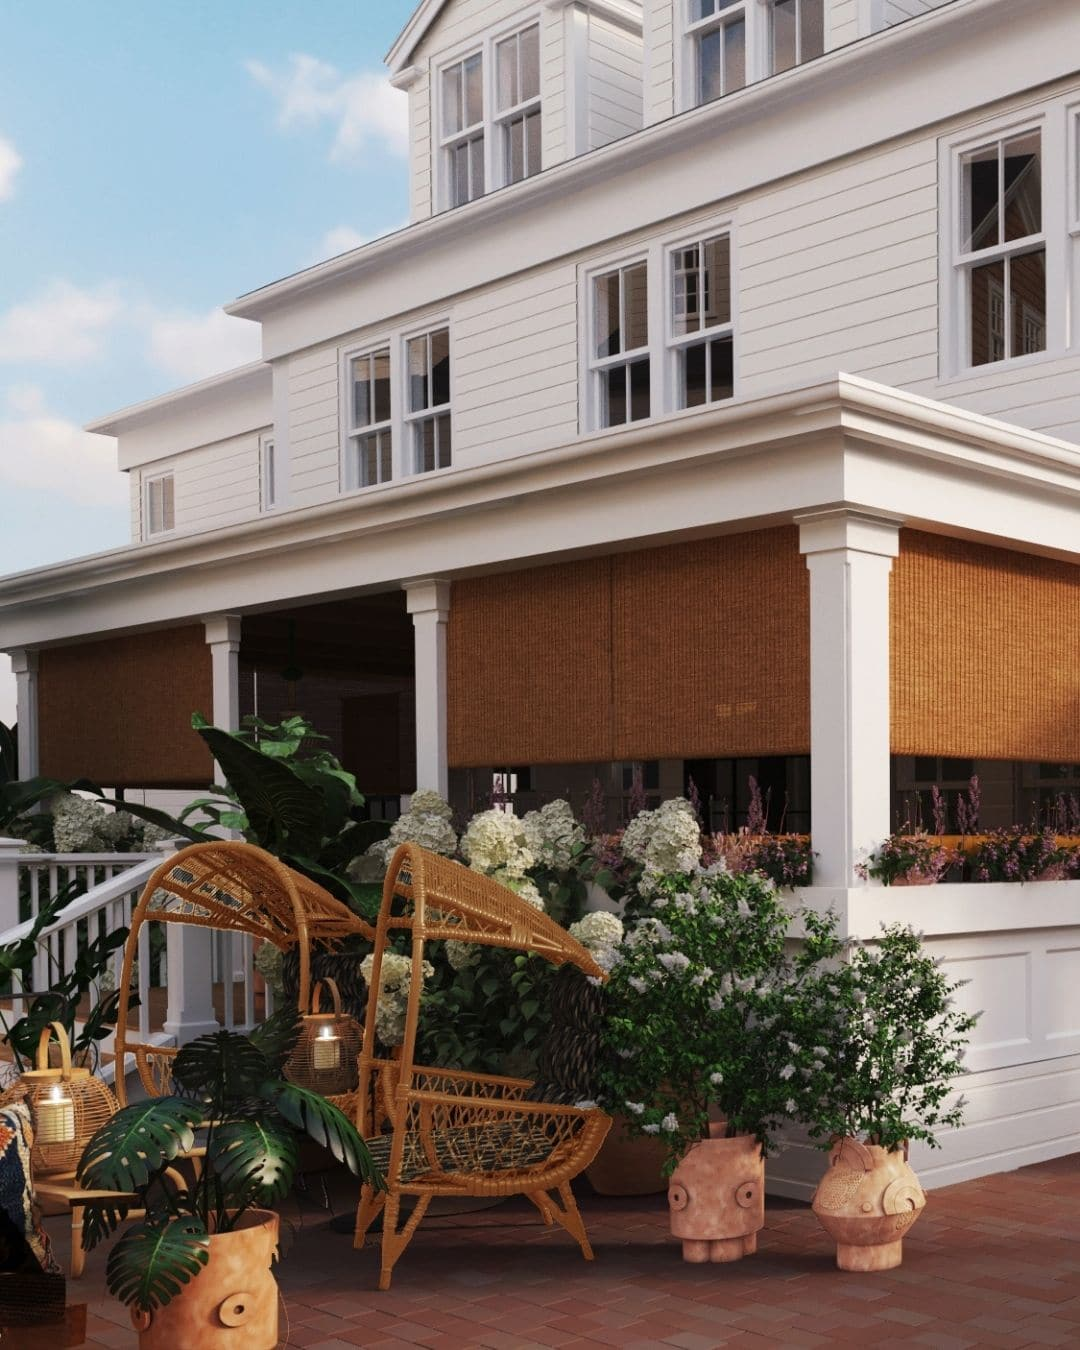 Faraway Nantucket Hotel